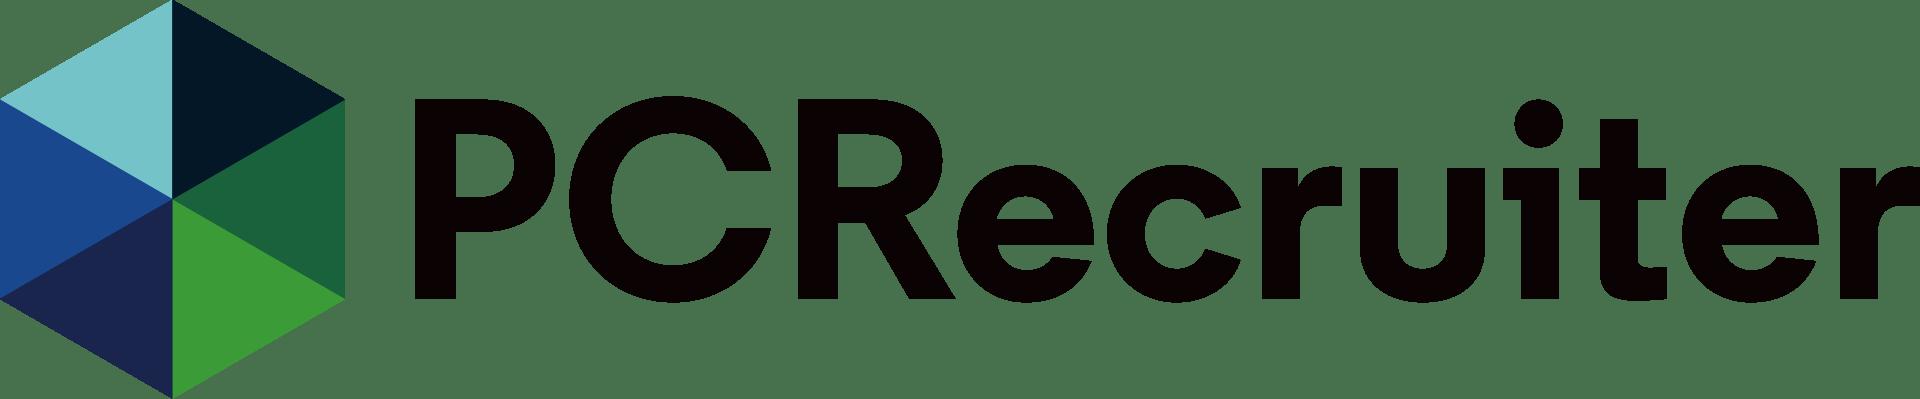 PCRecruiter logo